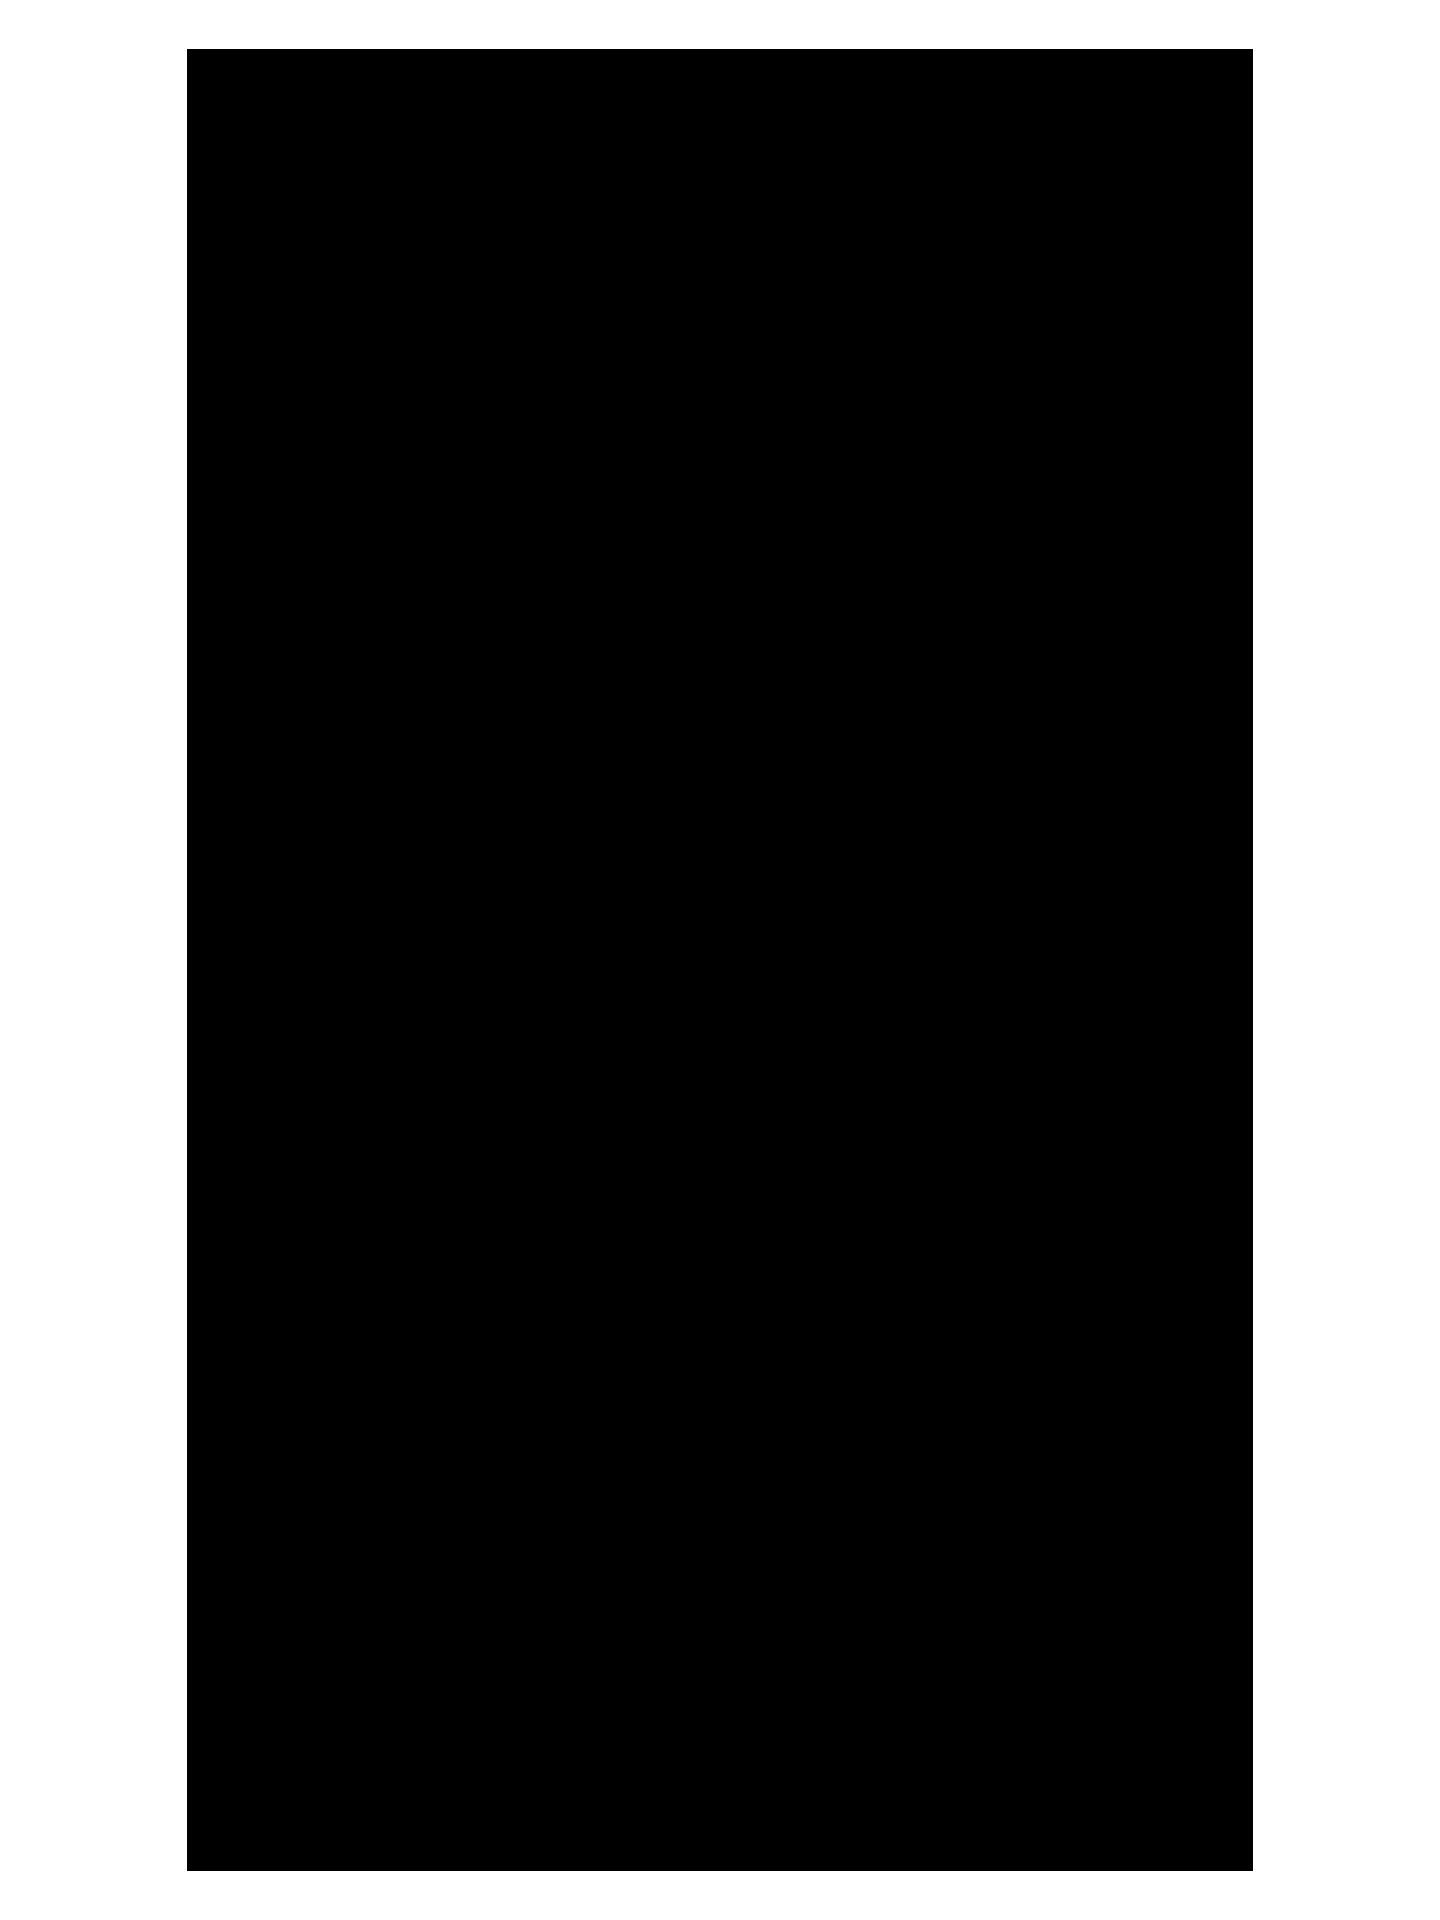 Enlightened Faction Symbol - Ada World Logo Vector PNG